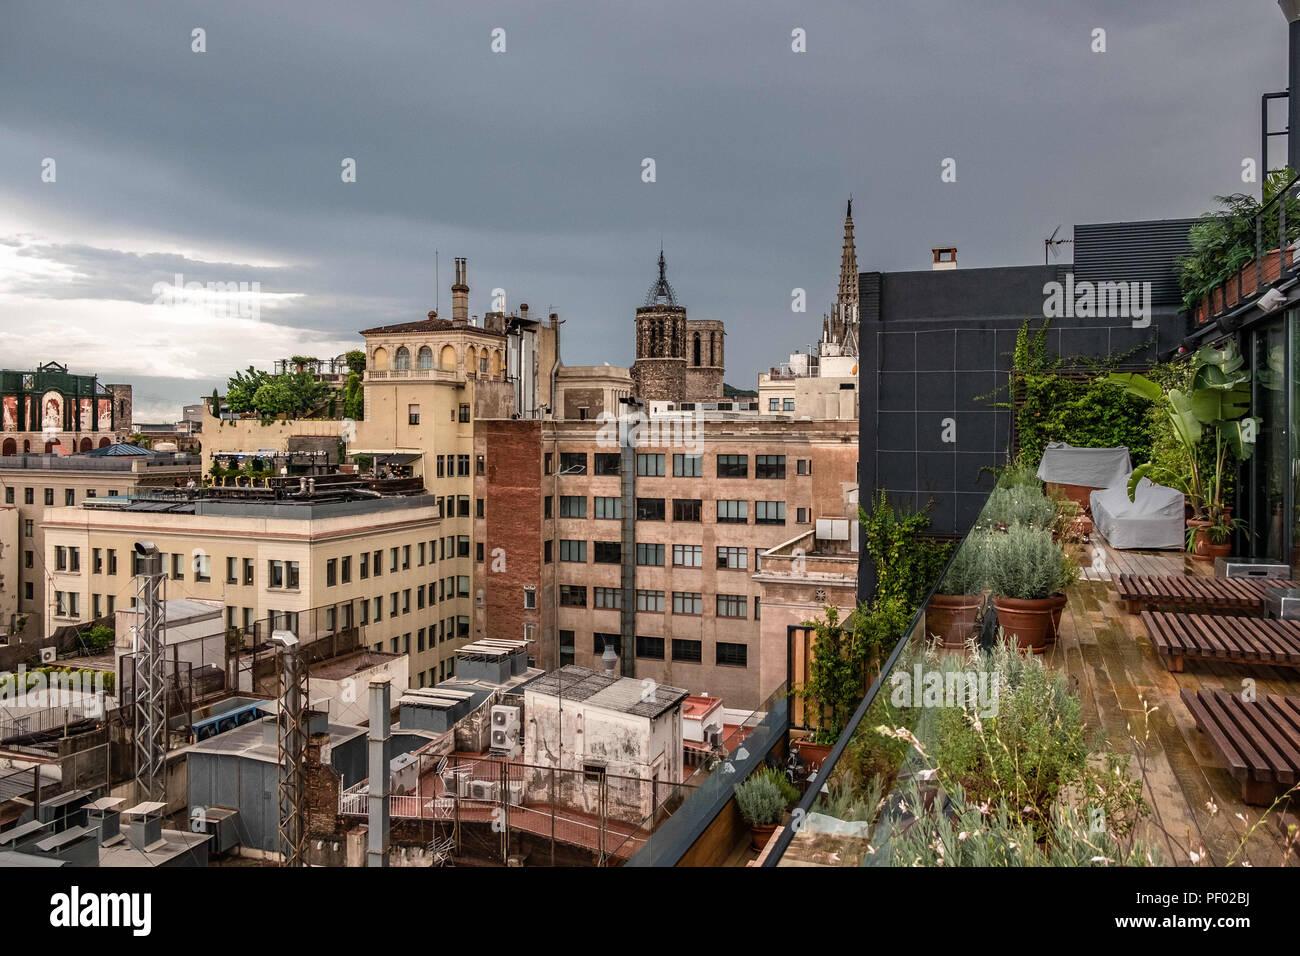 Barcelona Cataluña España 17 Aug 2018 Una Vista Inusual